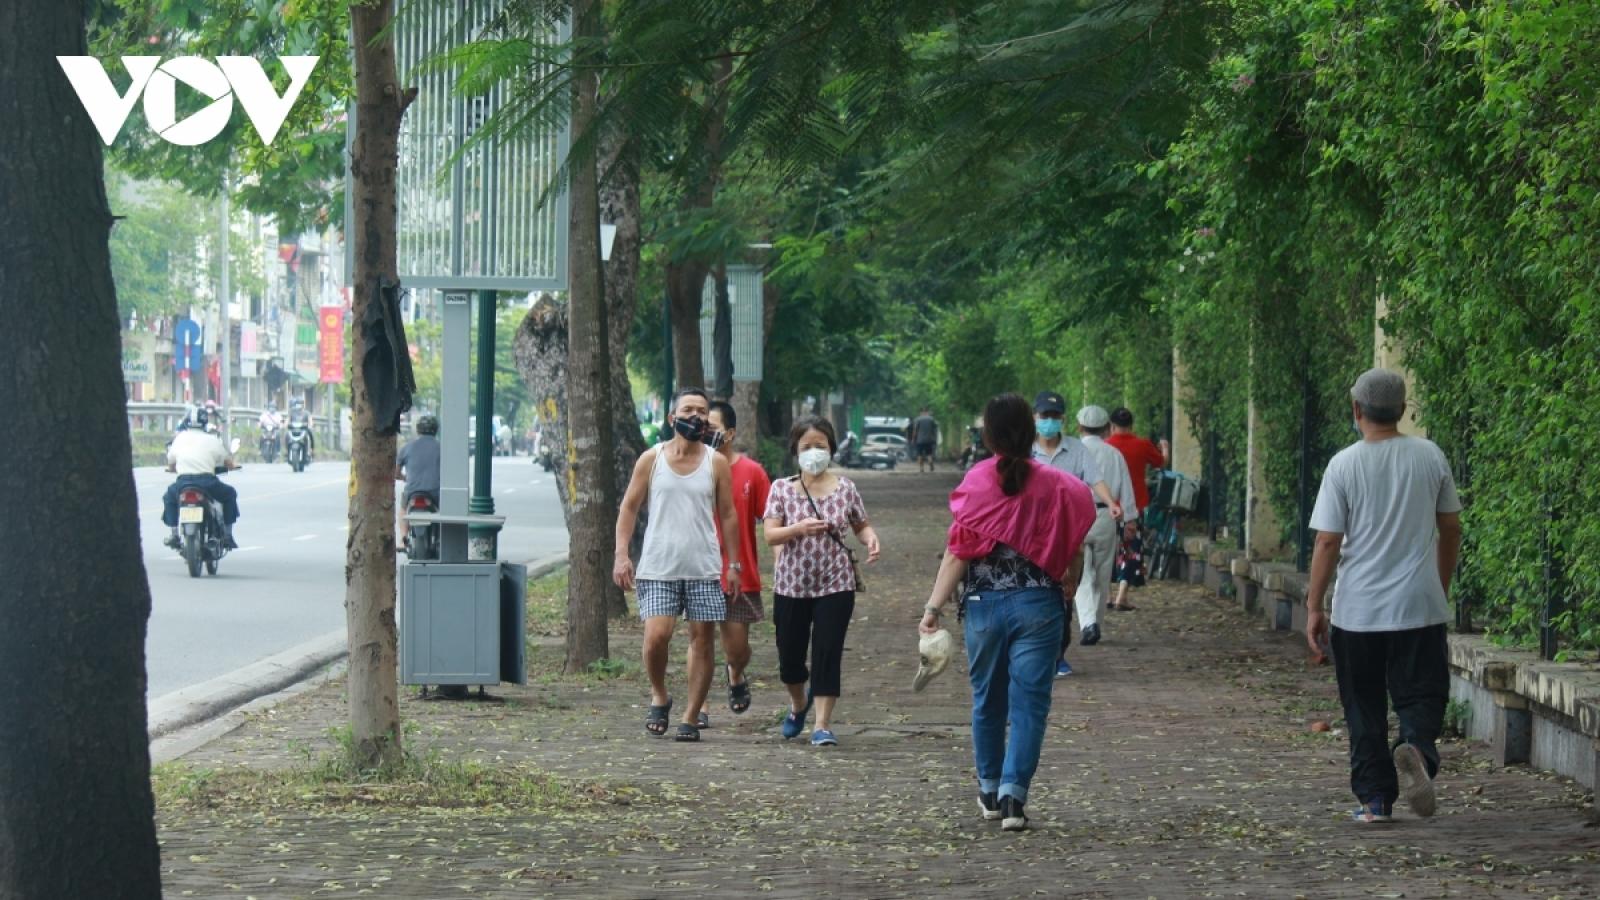 Hà Nội cho phép thể thao ngoài trời, sân golf hoạt động trở lại từ 0h ngày 26/6